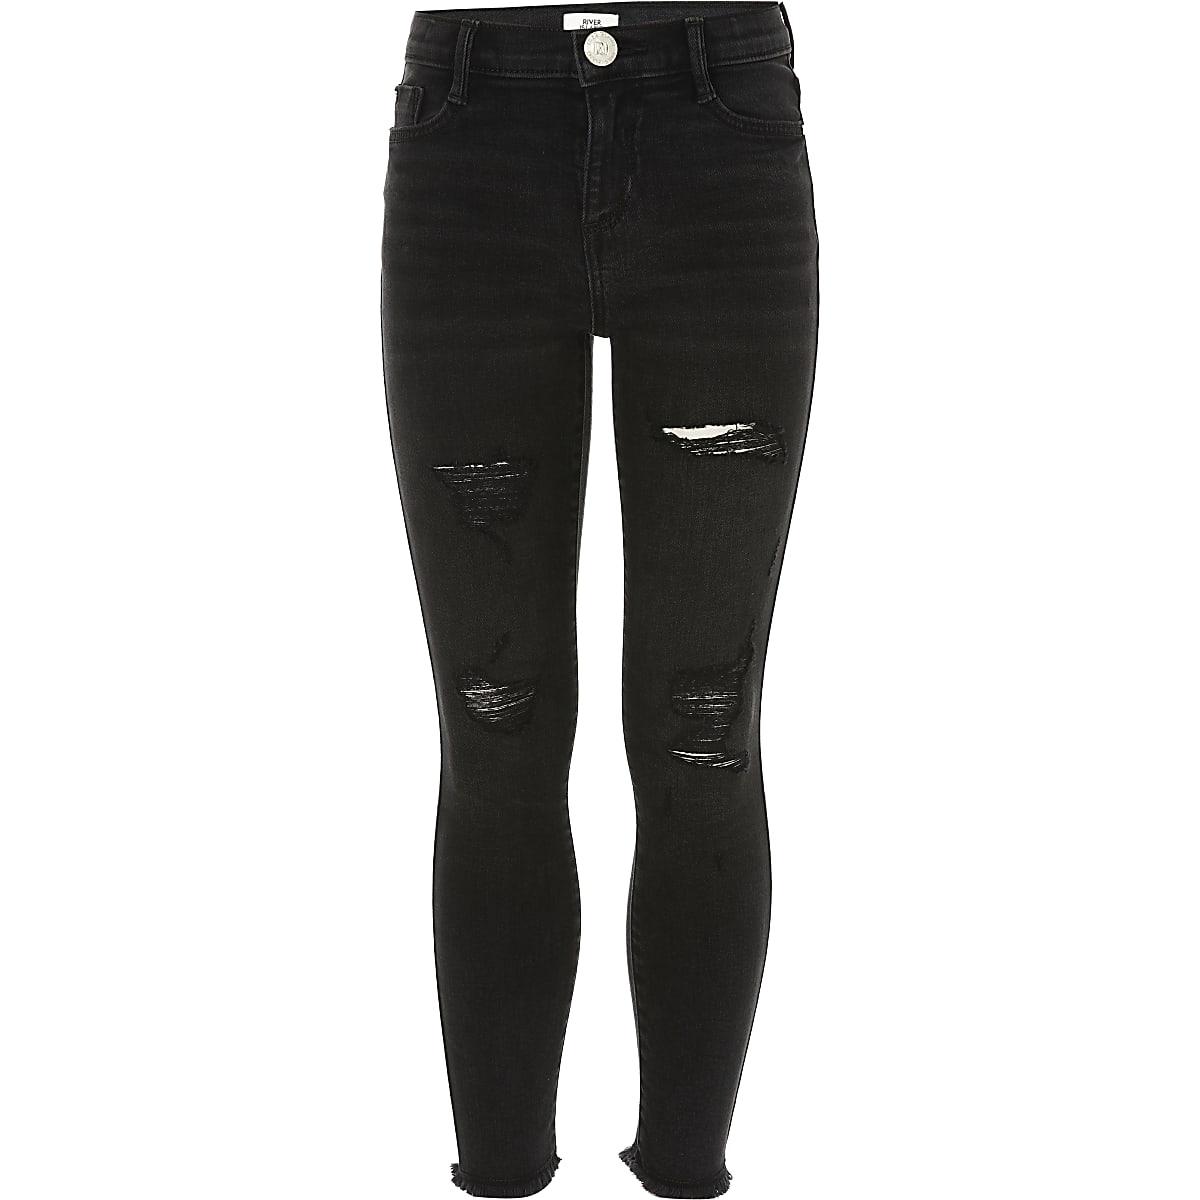 Amelie - Zwarte washed ripped jeans voor meisjes